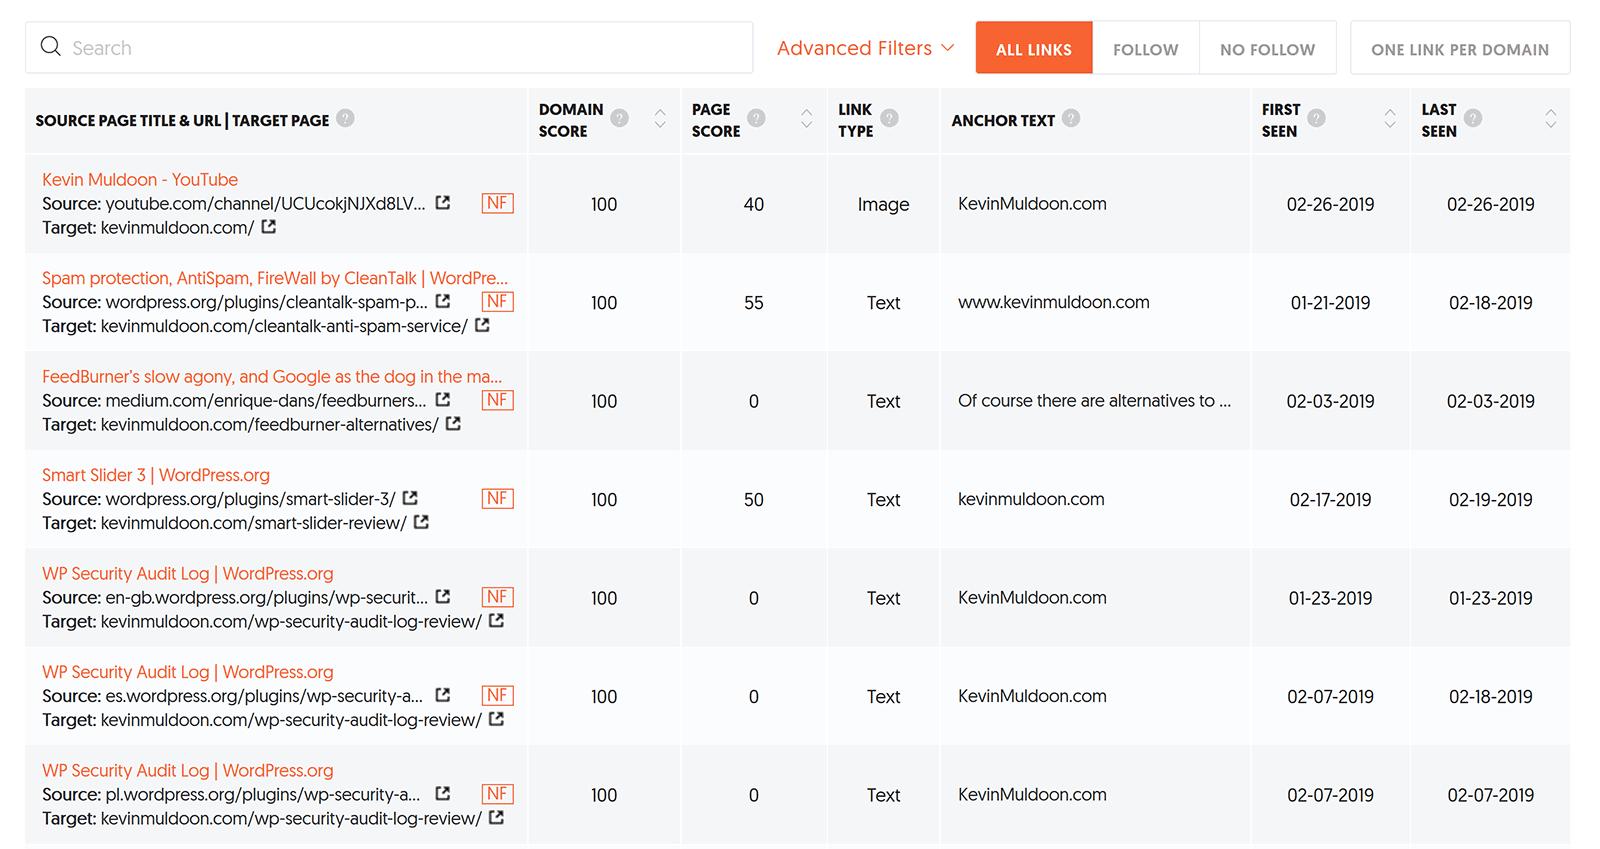 Backlink Results